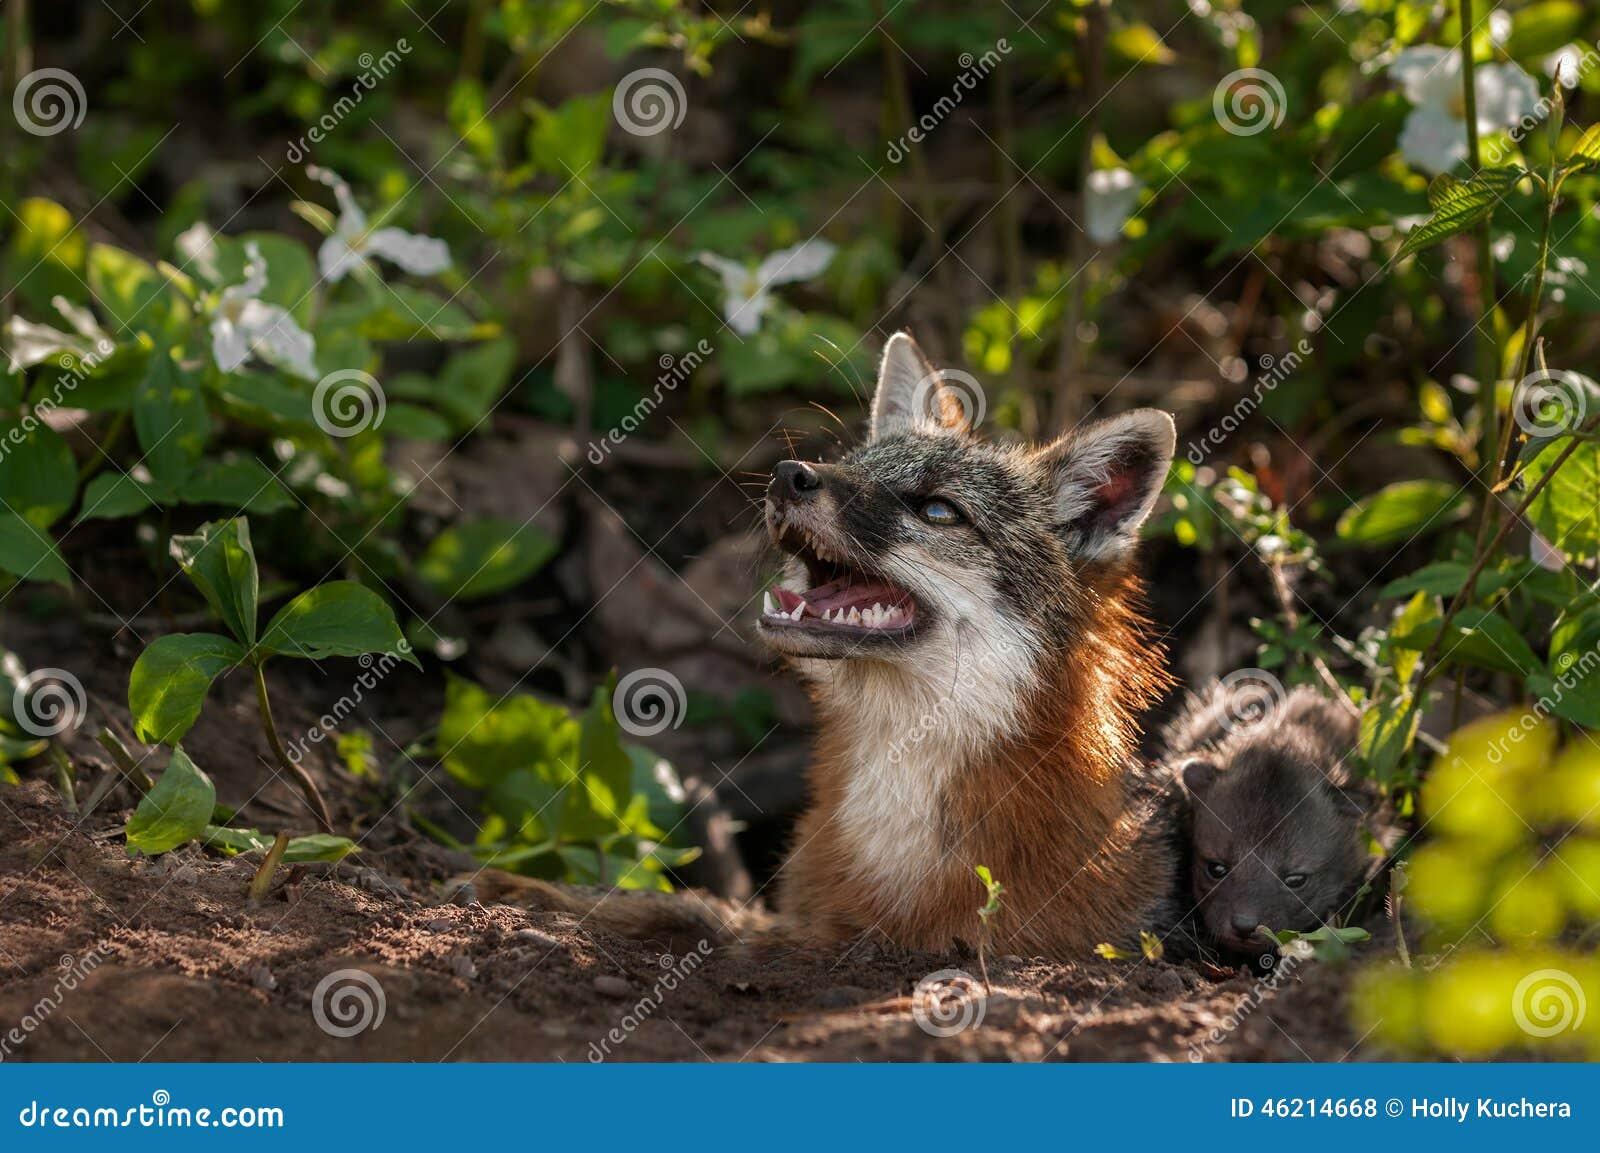 灰狐狸动物(灰图片类cinereoargenteus)查寻与成套泼妇-捕获的狐狸.底性感银色工具红高跟鞋图片